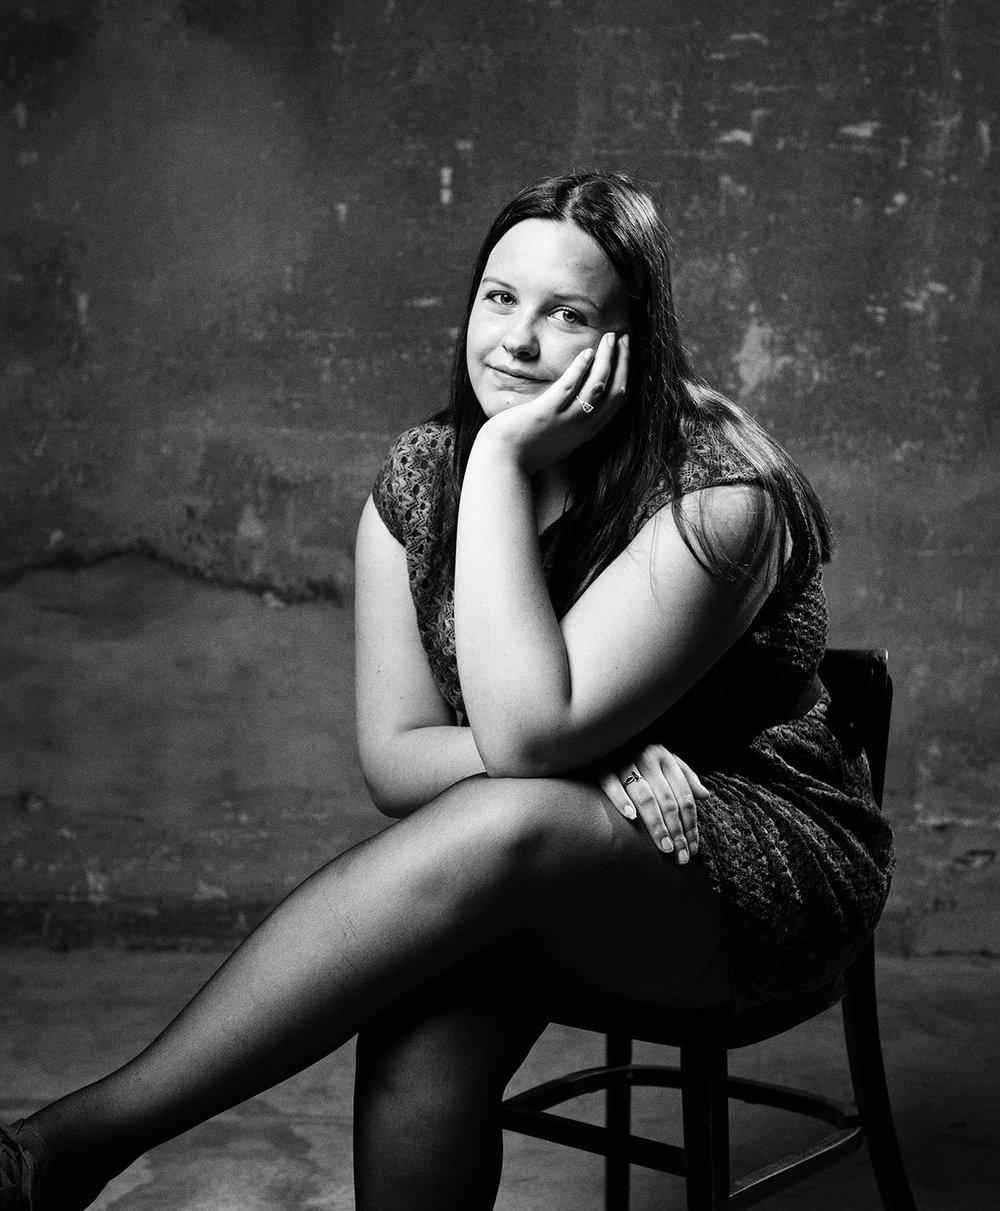 """Dit is Cheyenne. Haar zusje heeft epilepsie en autisme, op sociaal-emotioneel vlak is ze anderhalf jaar. """"Ik zou willen, dat zij ook met haar eigen vriendinnen zou kunnen afspreken. Ook verliefd zou kunnen worden. Als je daar over nadenkt, is het best triest. Ik baal wel voor haar."""" 4/12"""